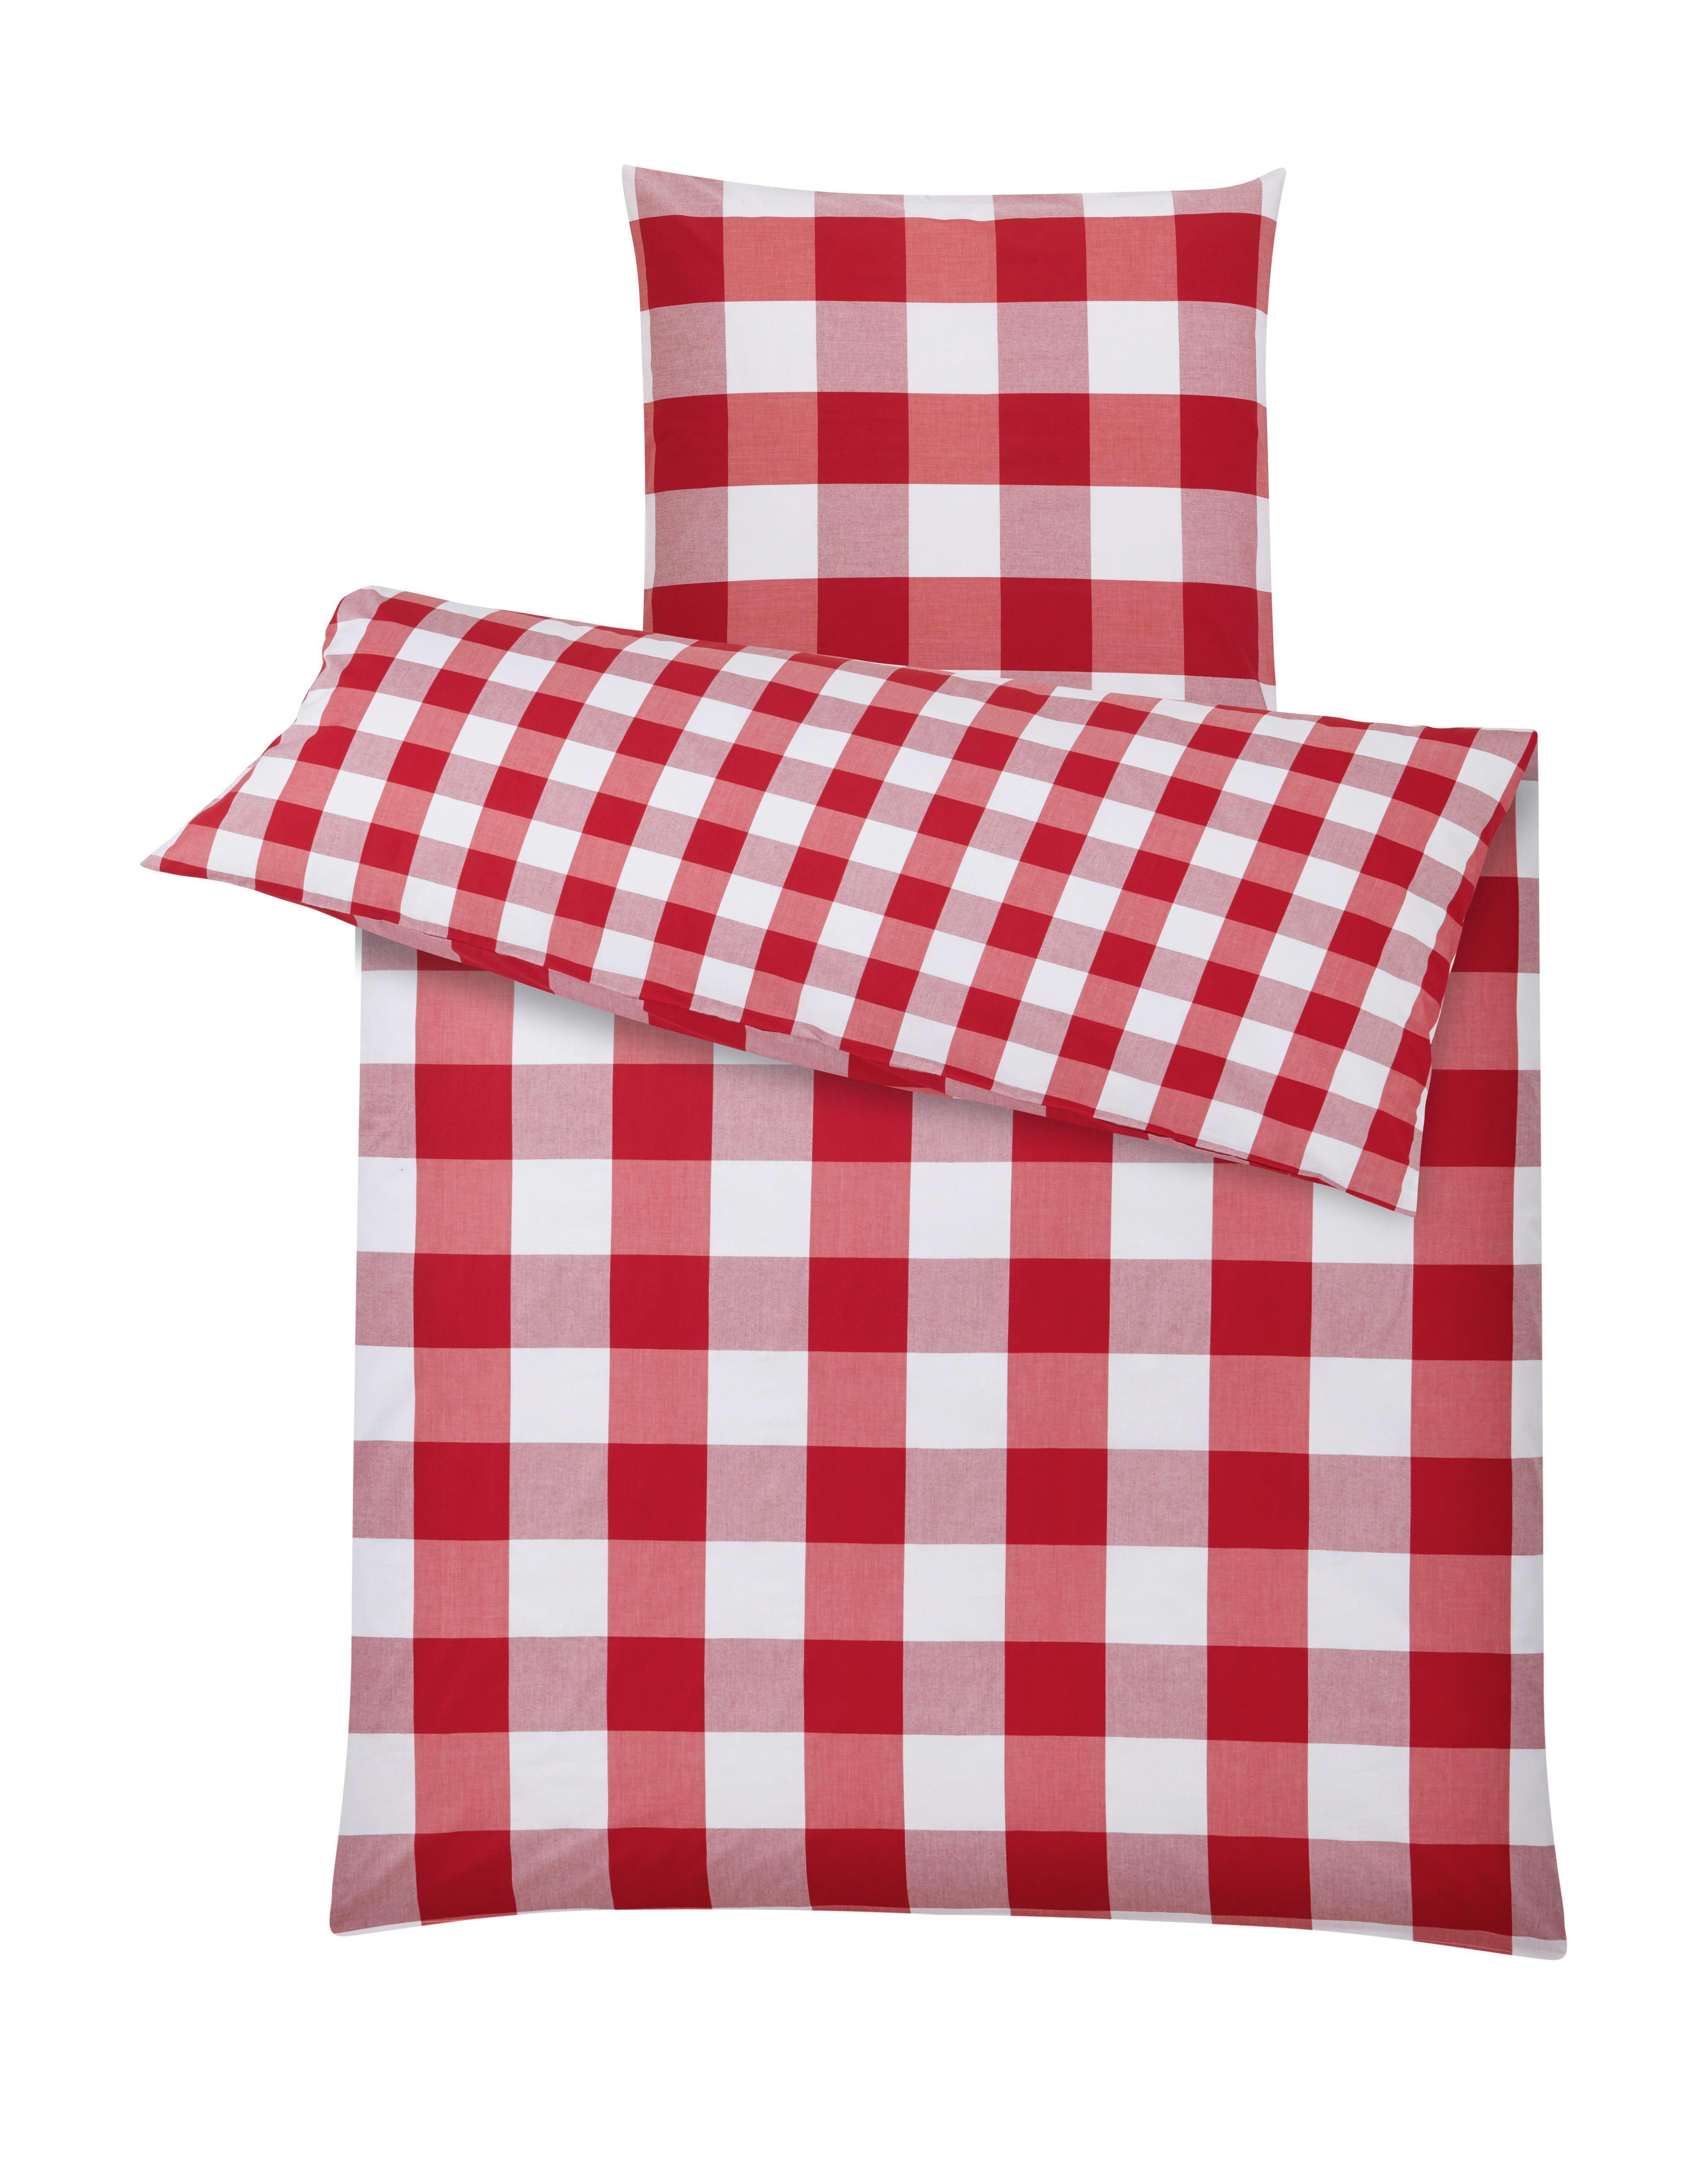 Bettwäsche Zams in Rot/Weiß ca. 135x200cm - Rot/Weiß, ROMANTIK / LANDHAUS, Textil - ZANDIARA